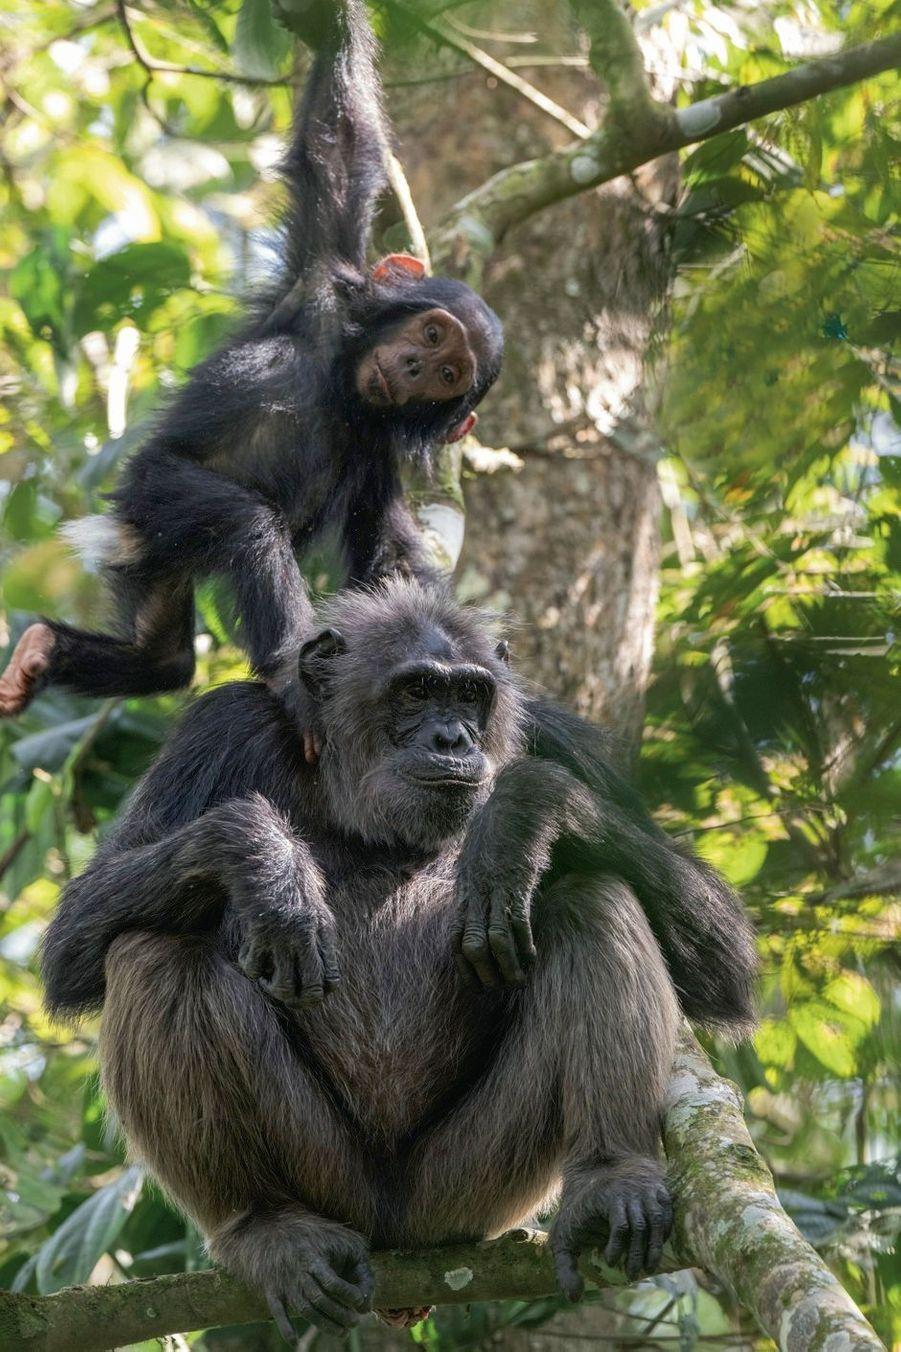 Kitaka, une quarantaine d'années, et son fils Apollo, 2ans. Dans cette communauté d'une centaine d'individus de la zone de Sebitoli, dans le nord du parc national de Kibale, où Sabrina a installé son camp, chacun a son prénom.